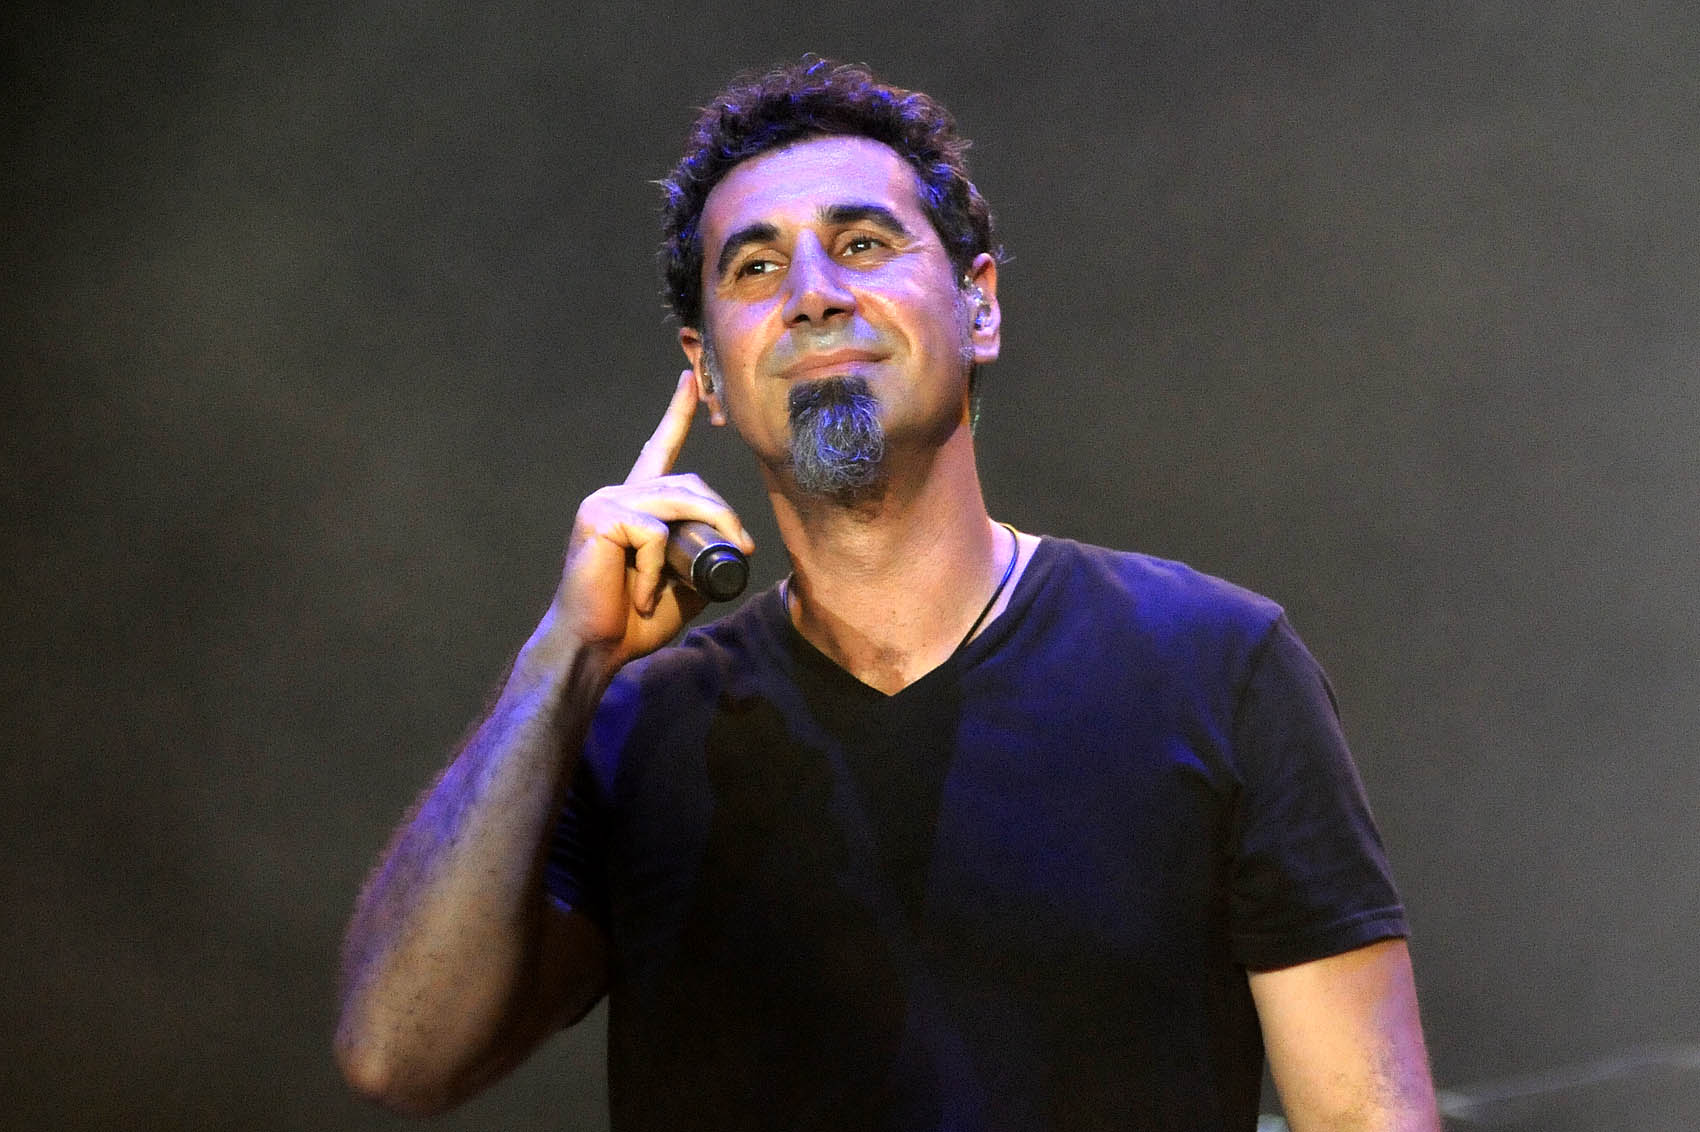 Em entrevista para a Billboard, Serj Tankian fala sobre seus projetos, paternidade e política